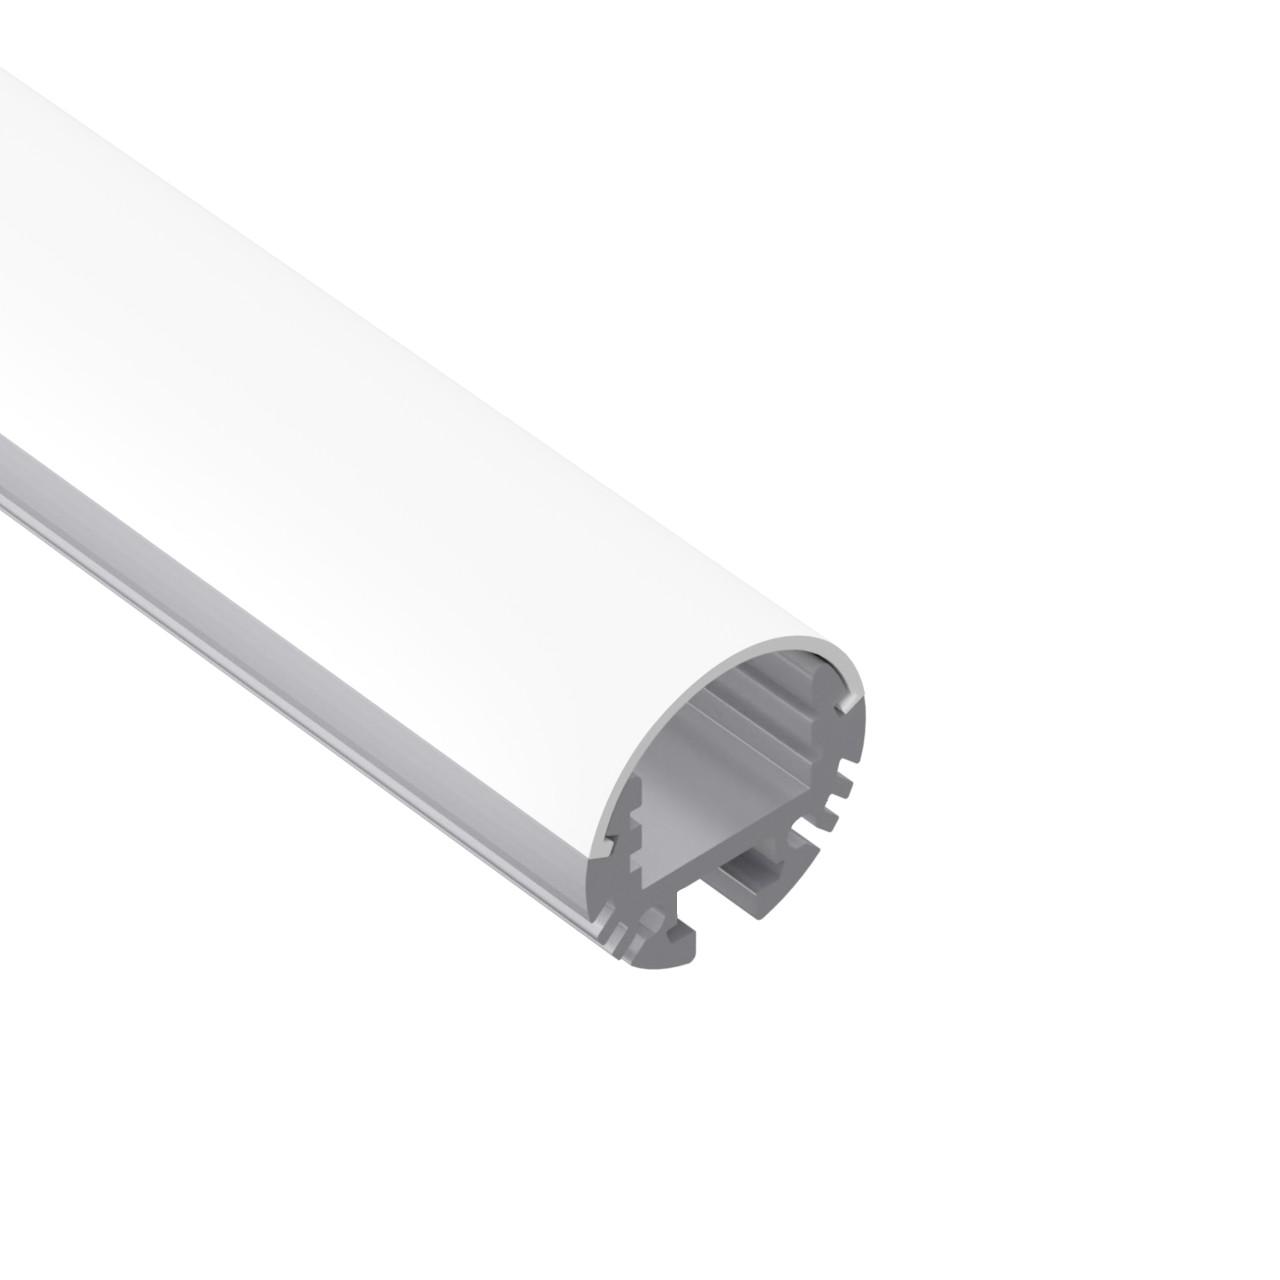 ROUND24 Suspenderet Rund LED profil til LED Strip dia 24mm